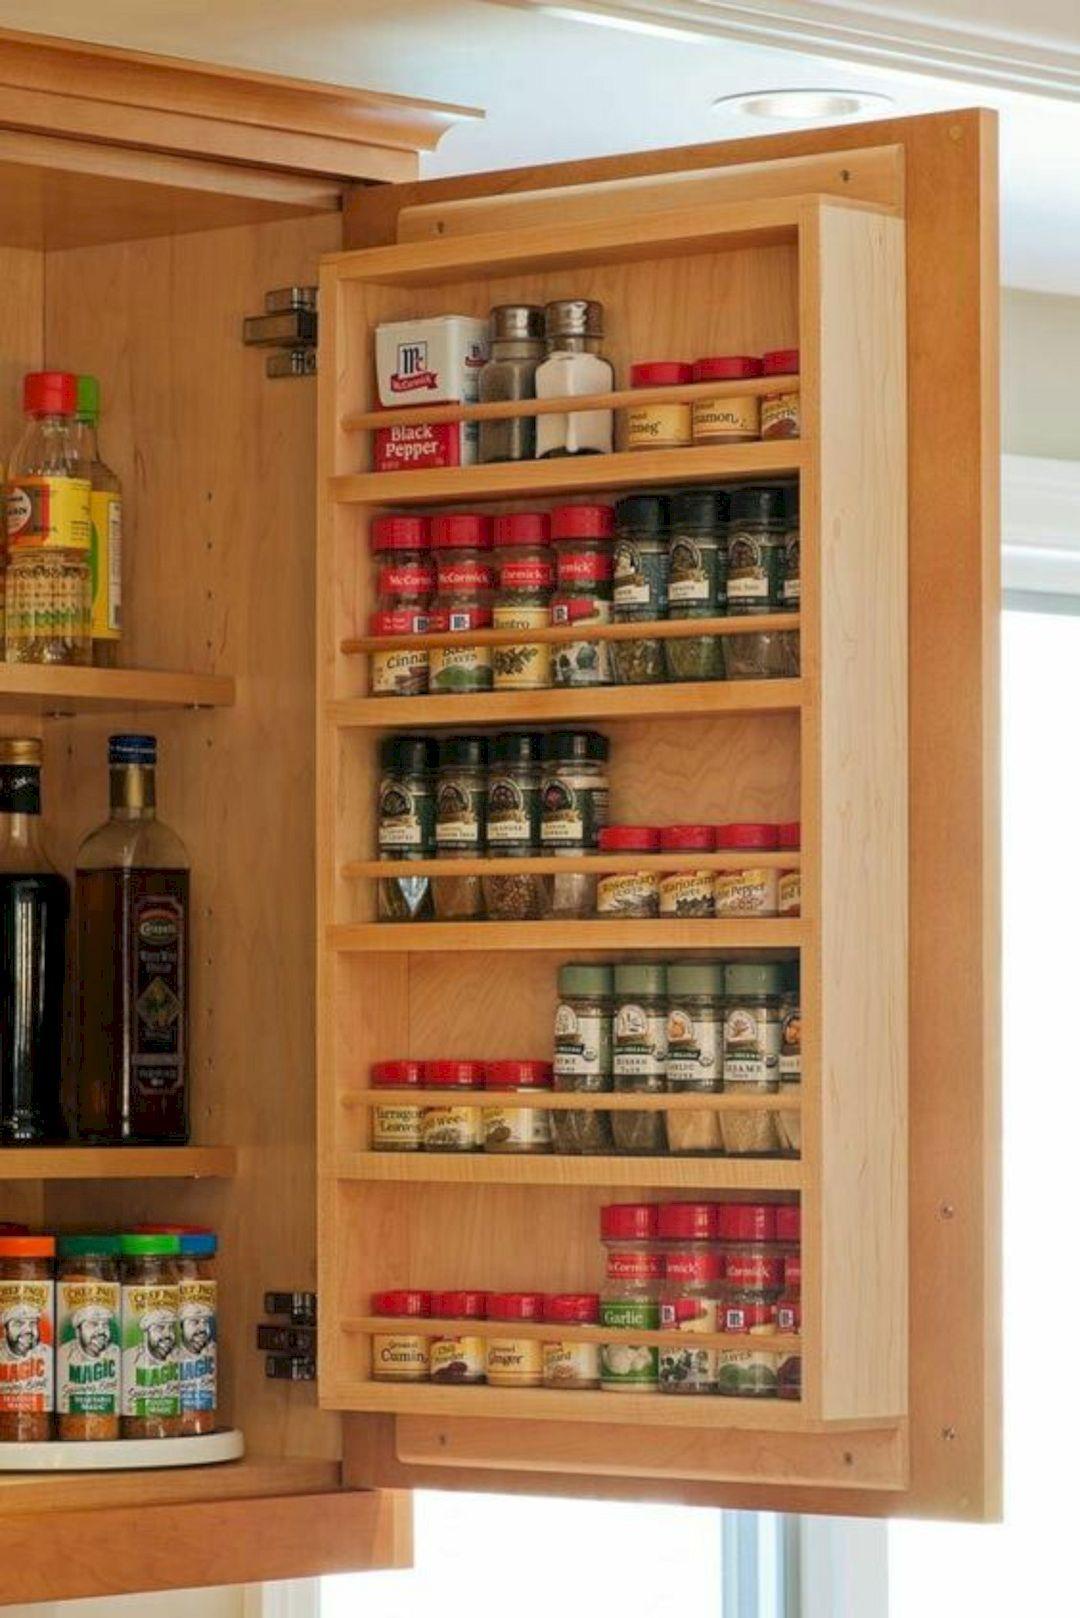 5 Stunning Bedroom Storage Ideas, Spice Organizer For Kitchen Cabinet